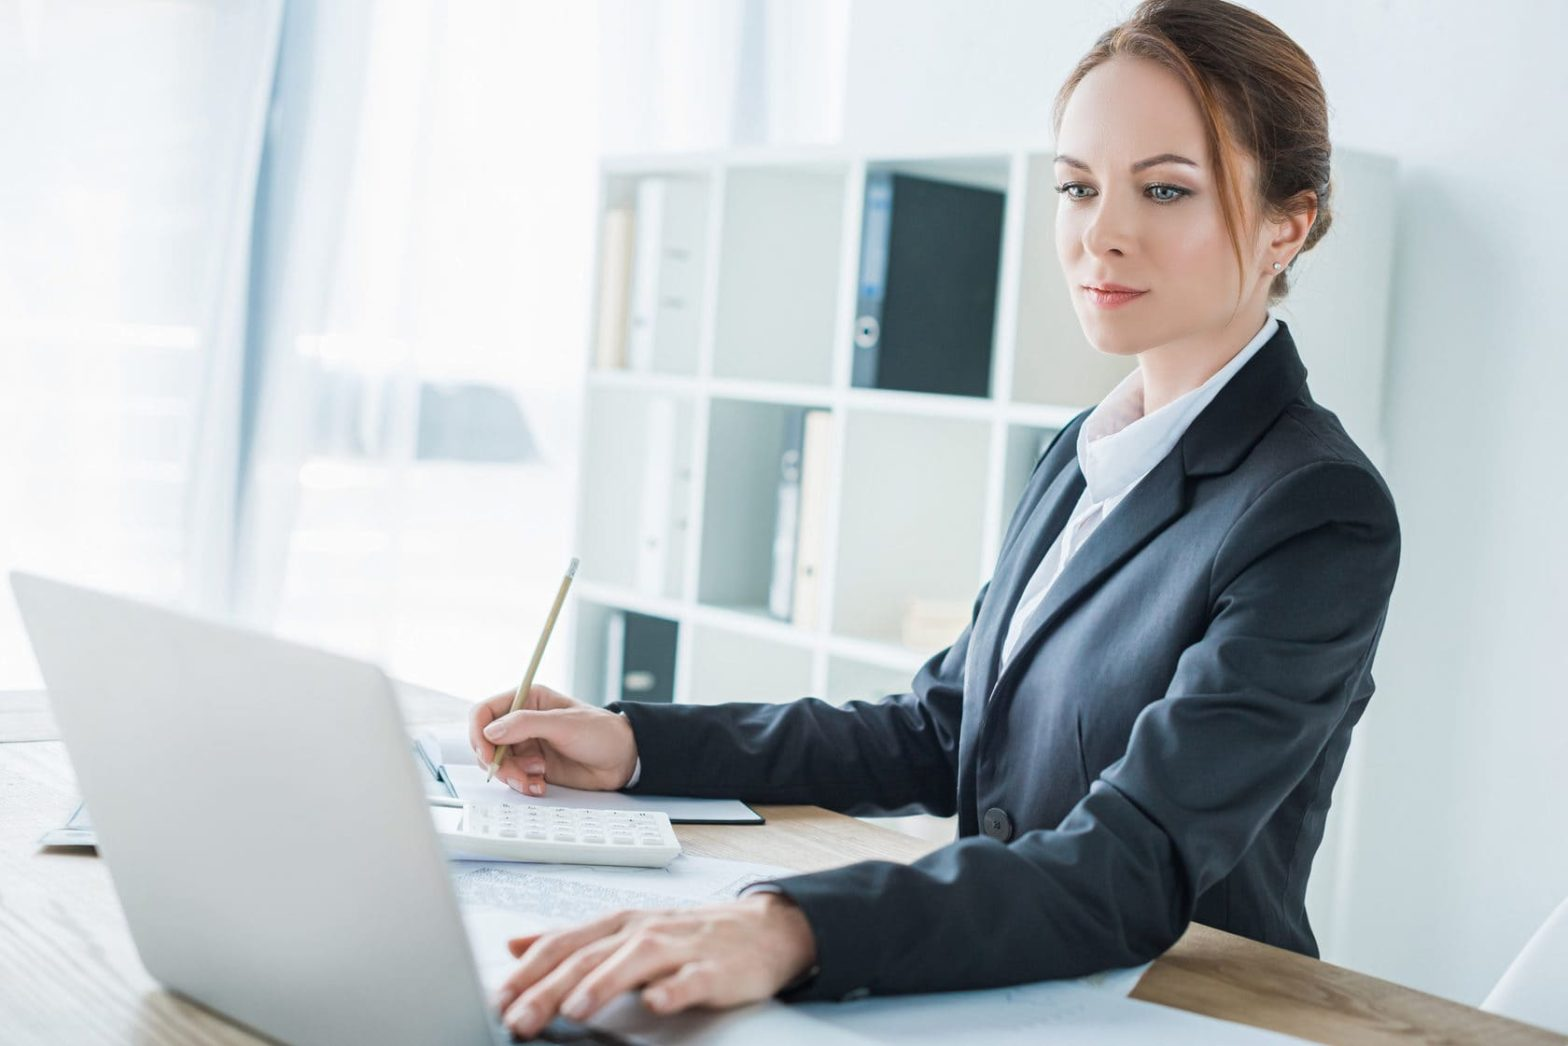 Бухгалтер вакансии главный услуги отчетность по упрощенке